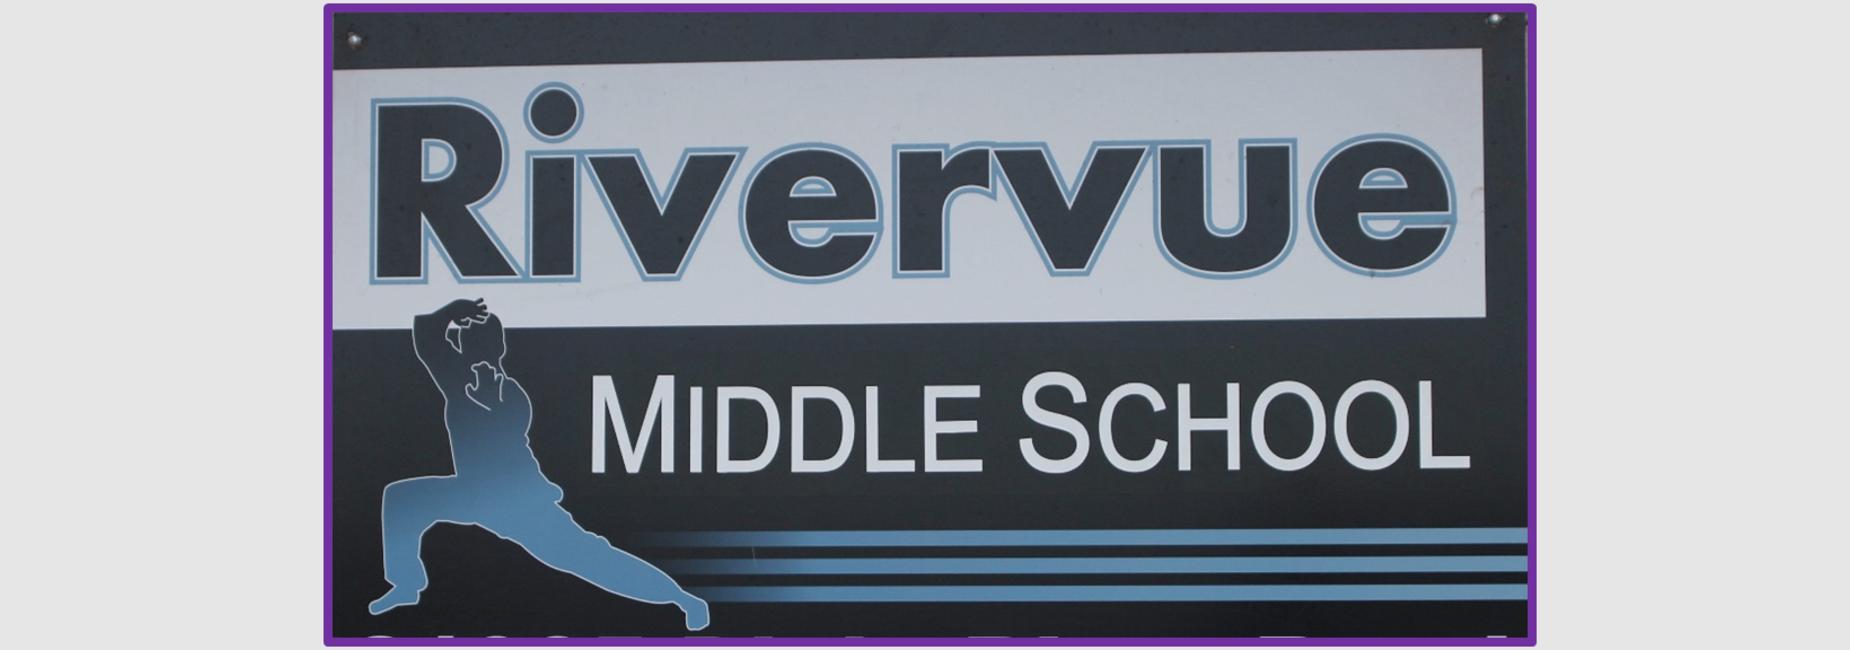 Rivervue sign